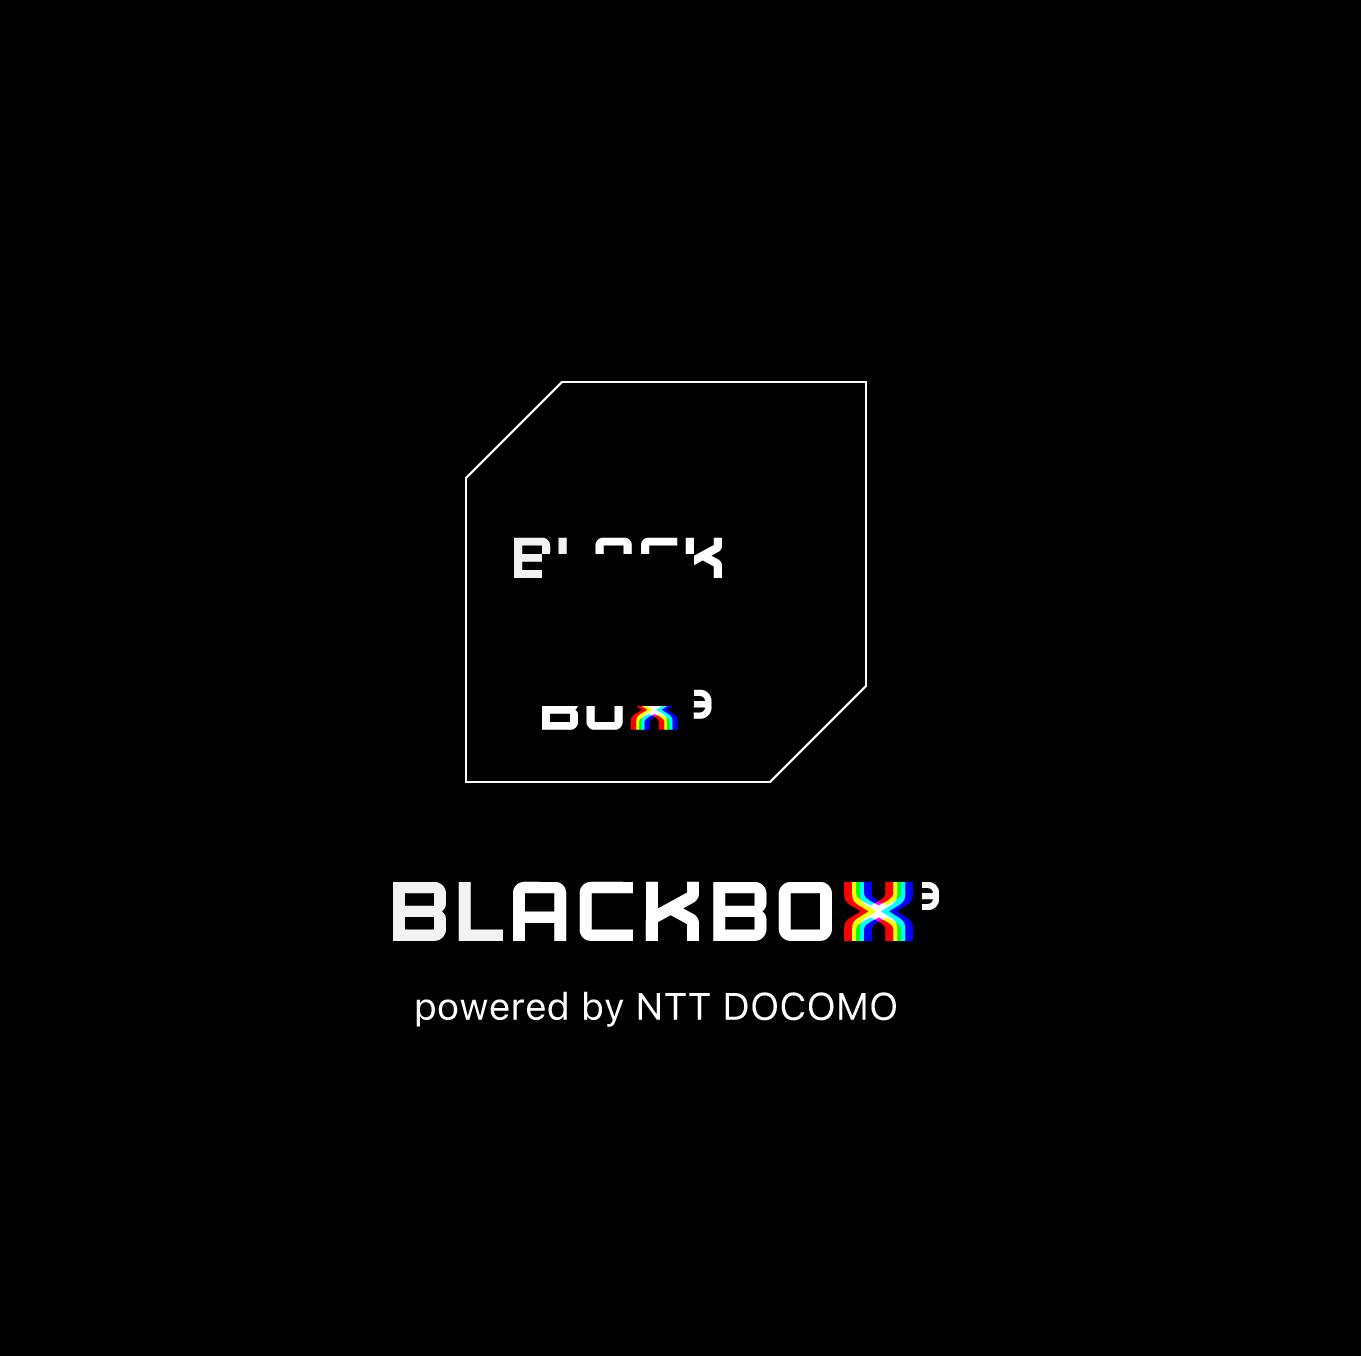 【メディア掲載】フジテレビ「EXITのバーチャル冒険アイランド開幕!」にてスタジオ「BLACKBOX³」を紹介いただきました。